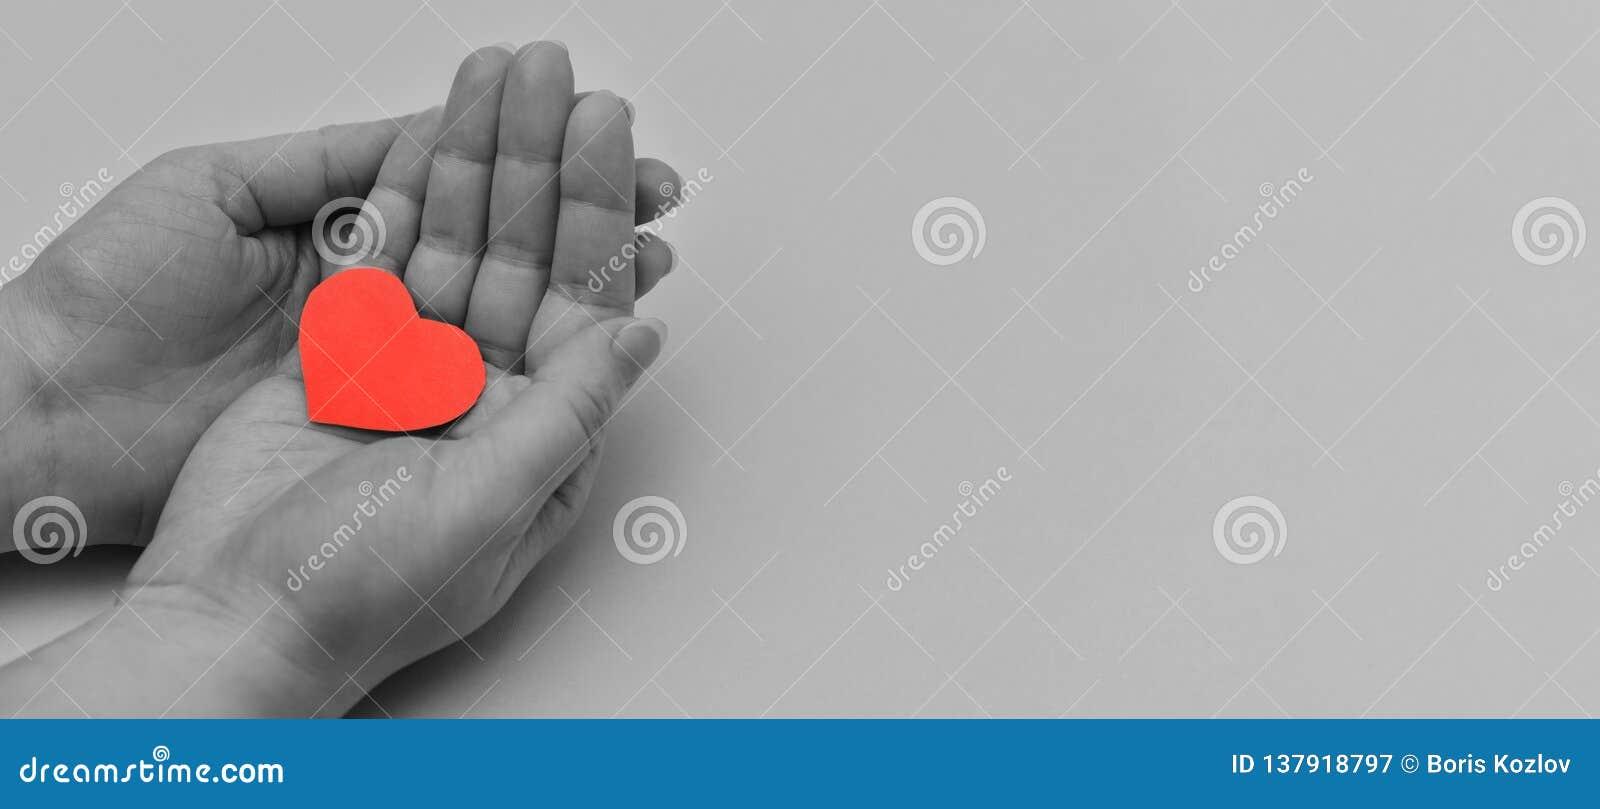 Schwarzweiss-Foto mit den Händen der Frauen, die ein farbiges rotes Herz halten fahne Fragment der Hände Frauen